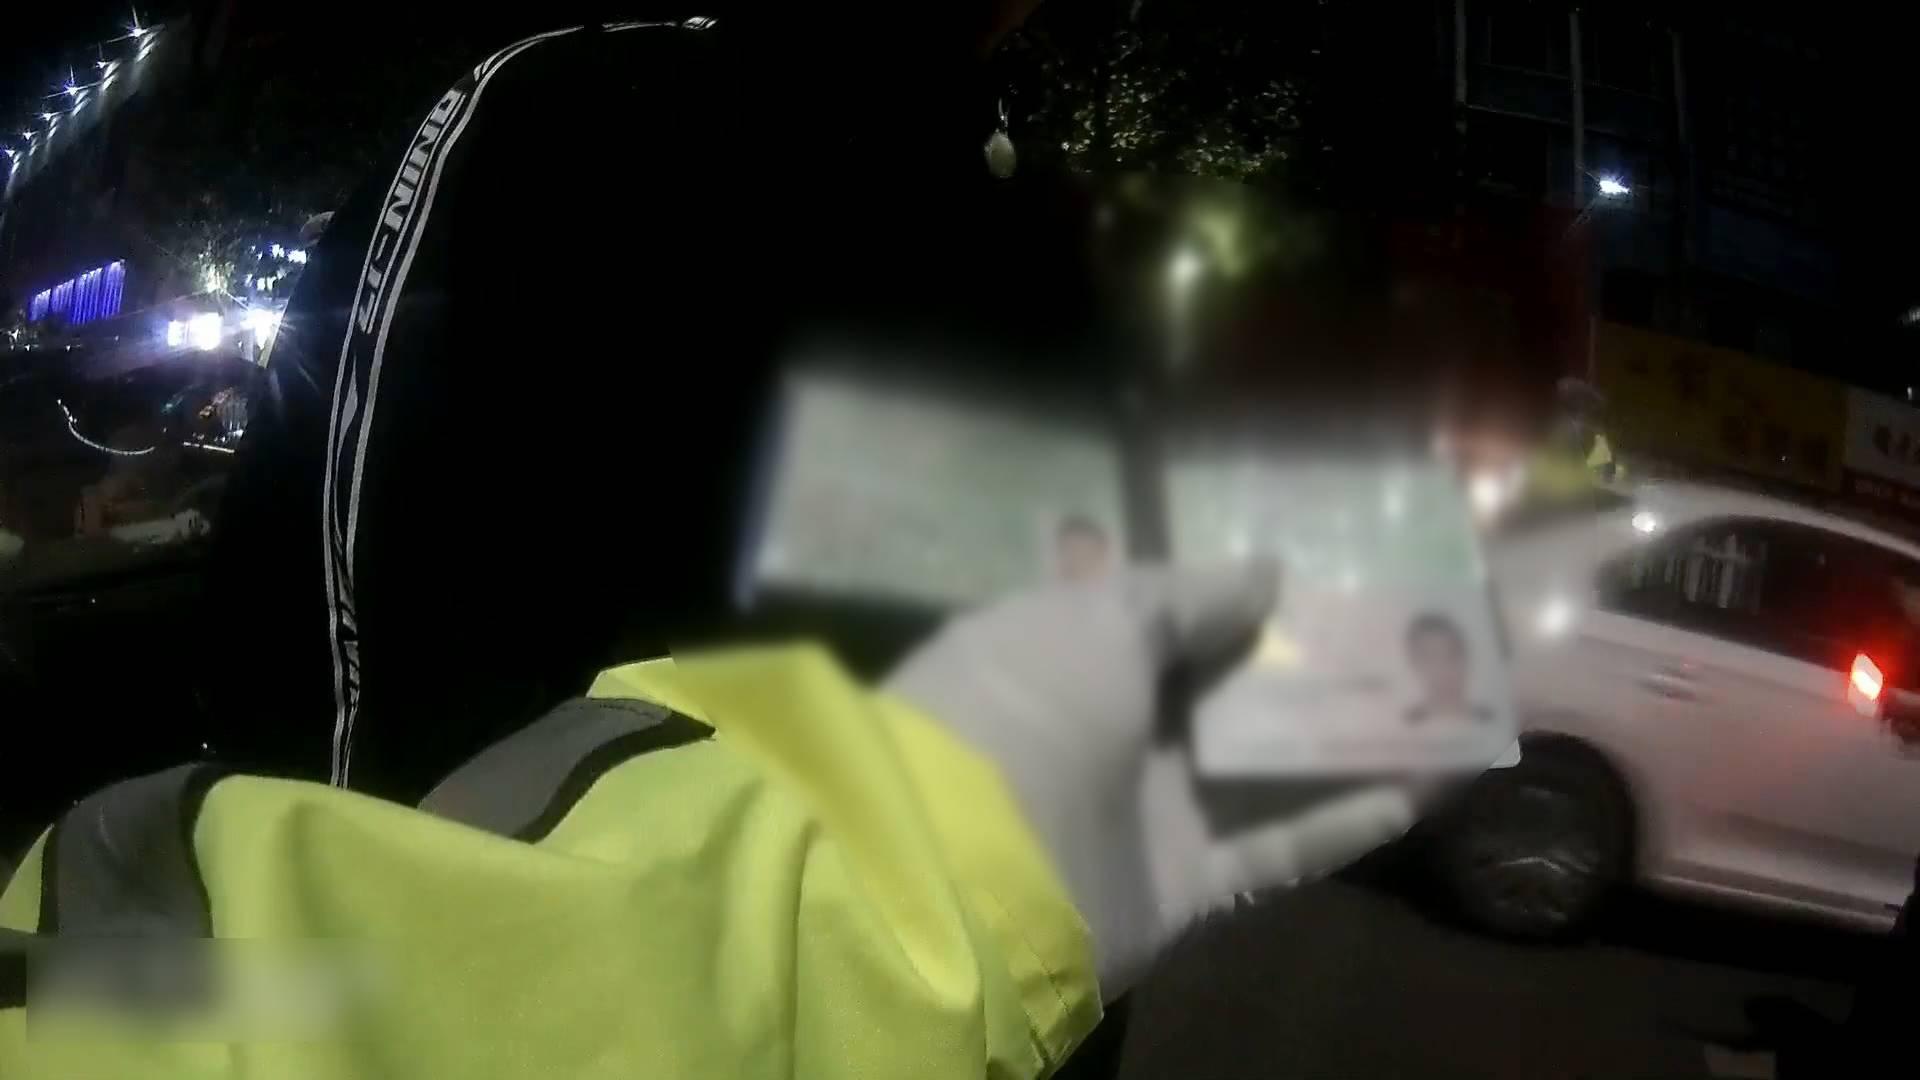 太心急!男子考驾照期间办假证开车上路 青岛交警一眼识破